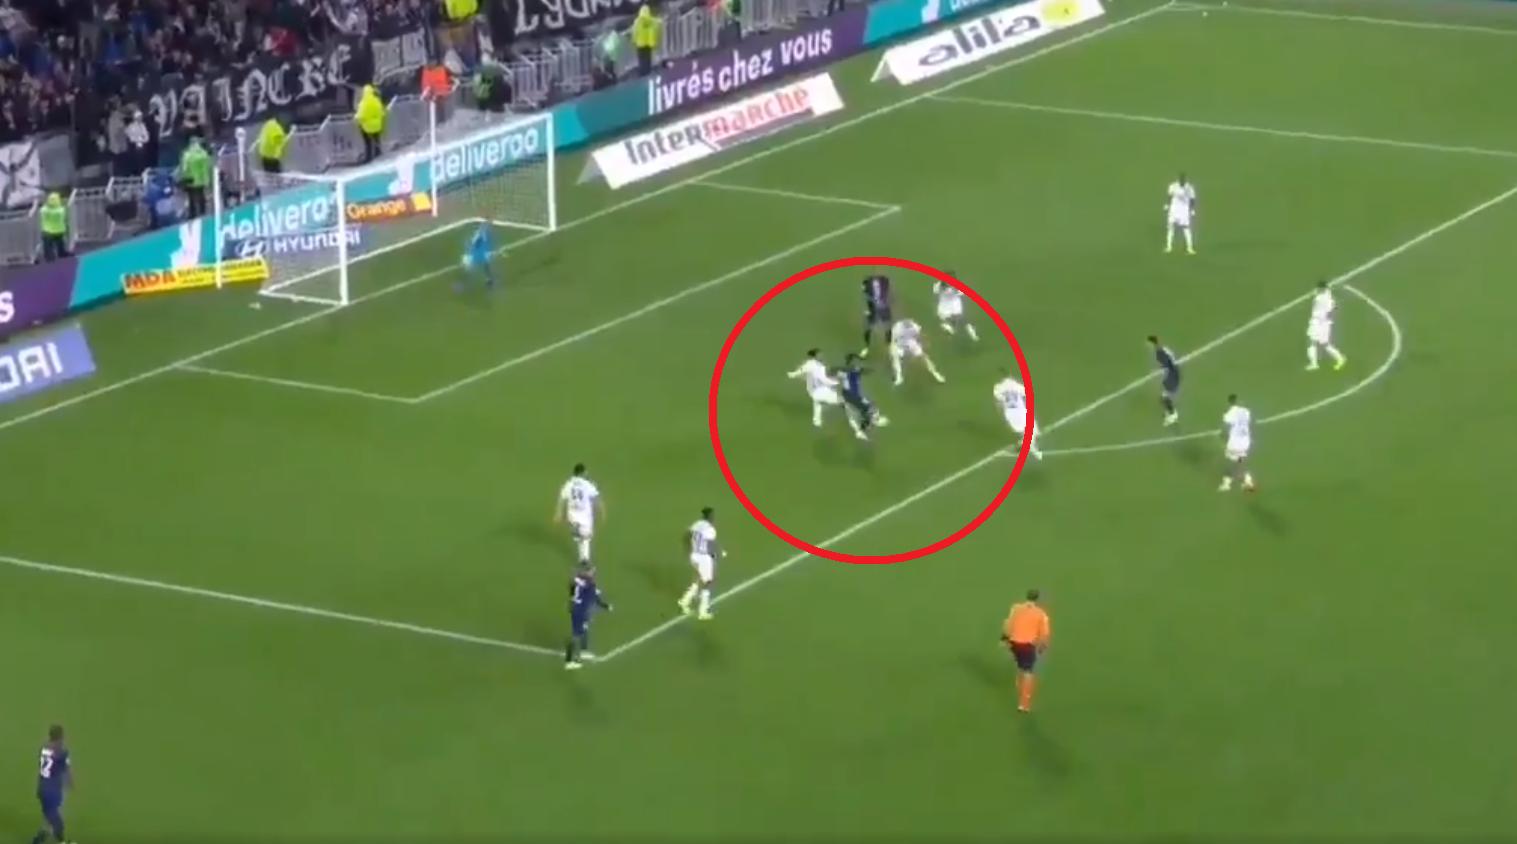 Football - Ligue 1 - Ligue 1 : Le superbe enchaînement de Neymar pour offrir la victoire au PSG